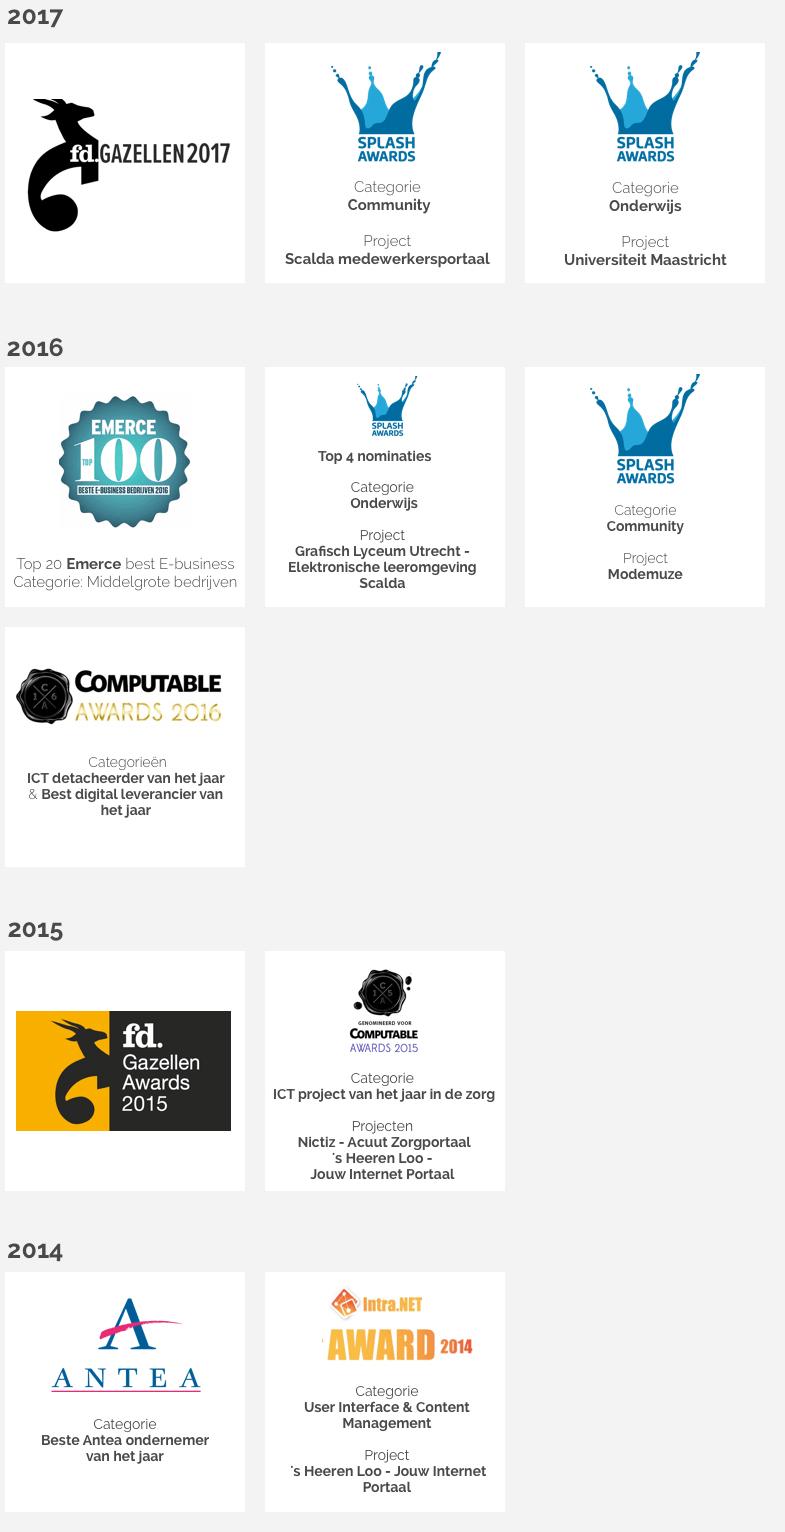 Lijst van awards die Finalist heeft gewonnen